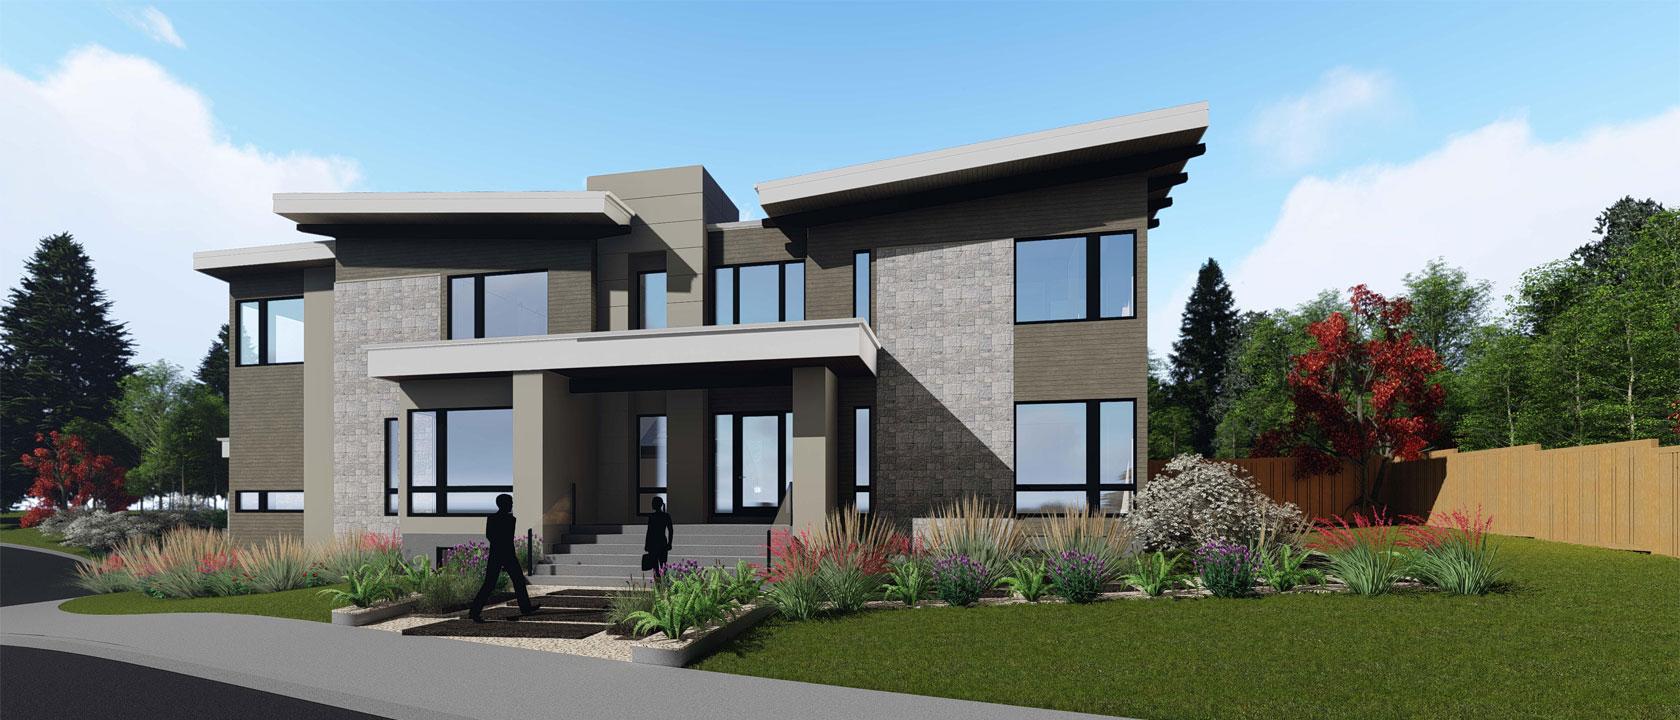 Custom Home Design Calgary Residential Architect Designer